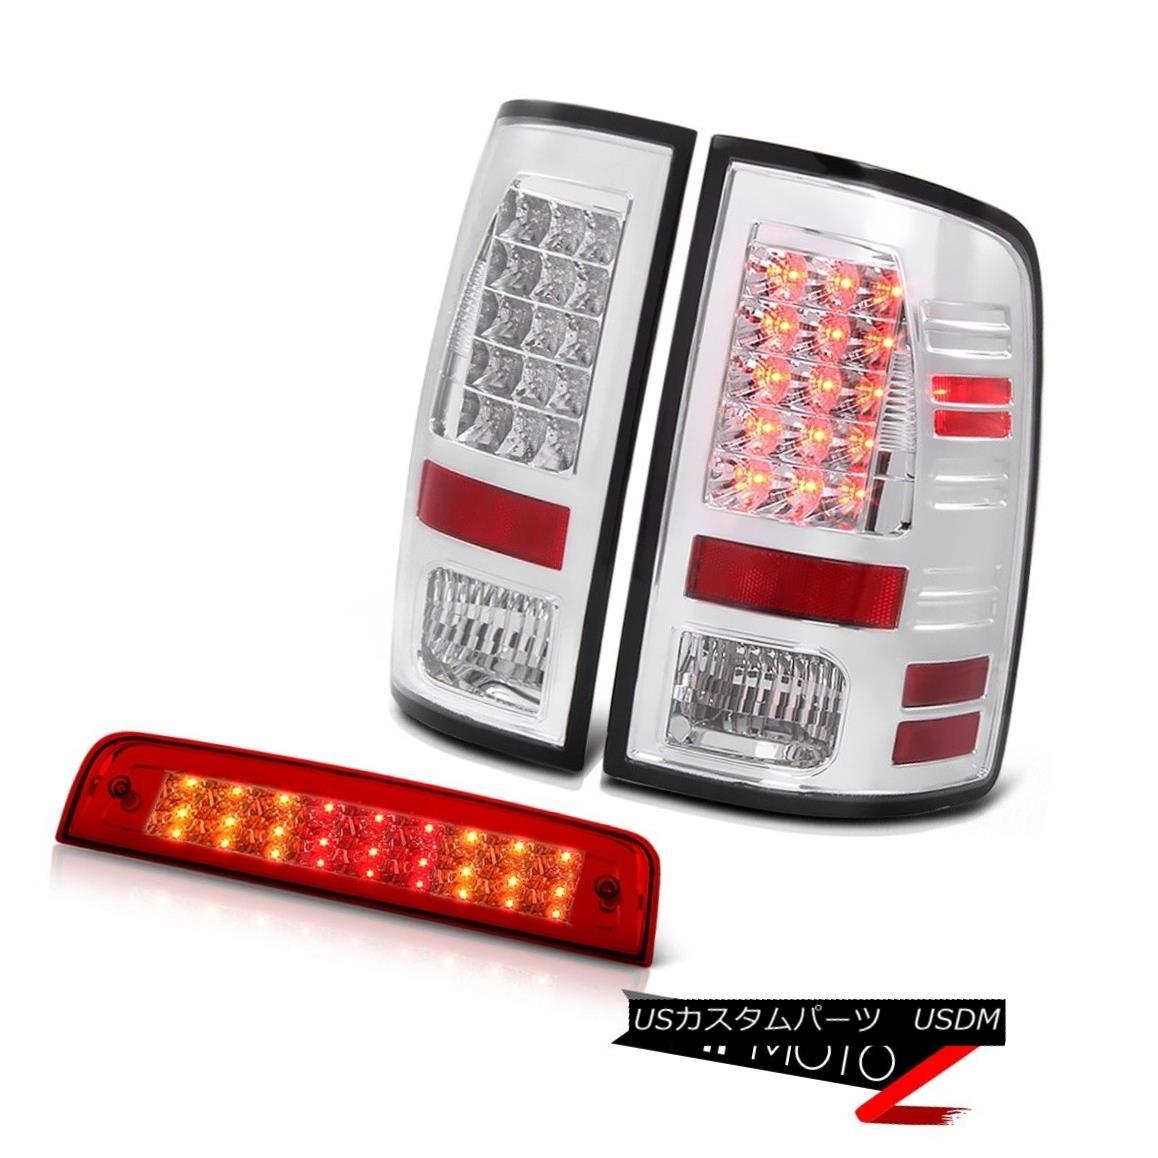 ヘッドライト 13-18 Ram 3500 Turbodiesel Rosso Red Roof Brake Lamp Euro Chrome Tail Lamps LED 13-18ラム3500 TurbodieselロッソレッドルーフブレーキランプユーロクロームテールランプLED